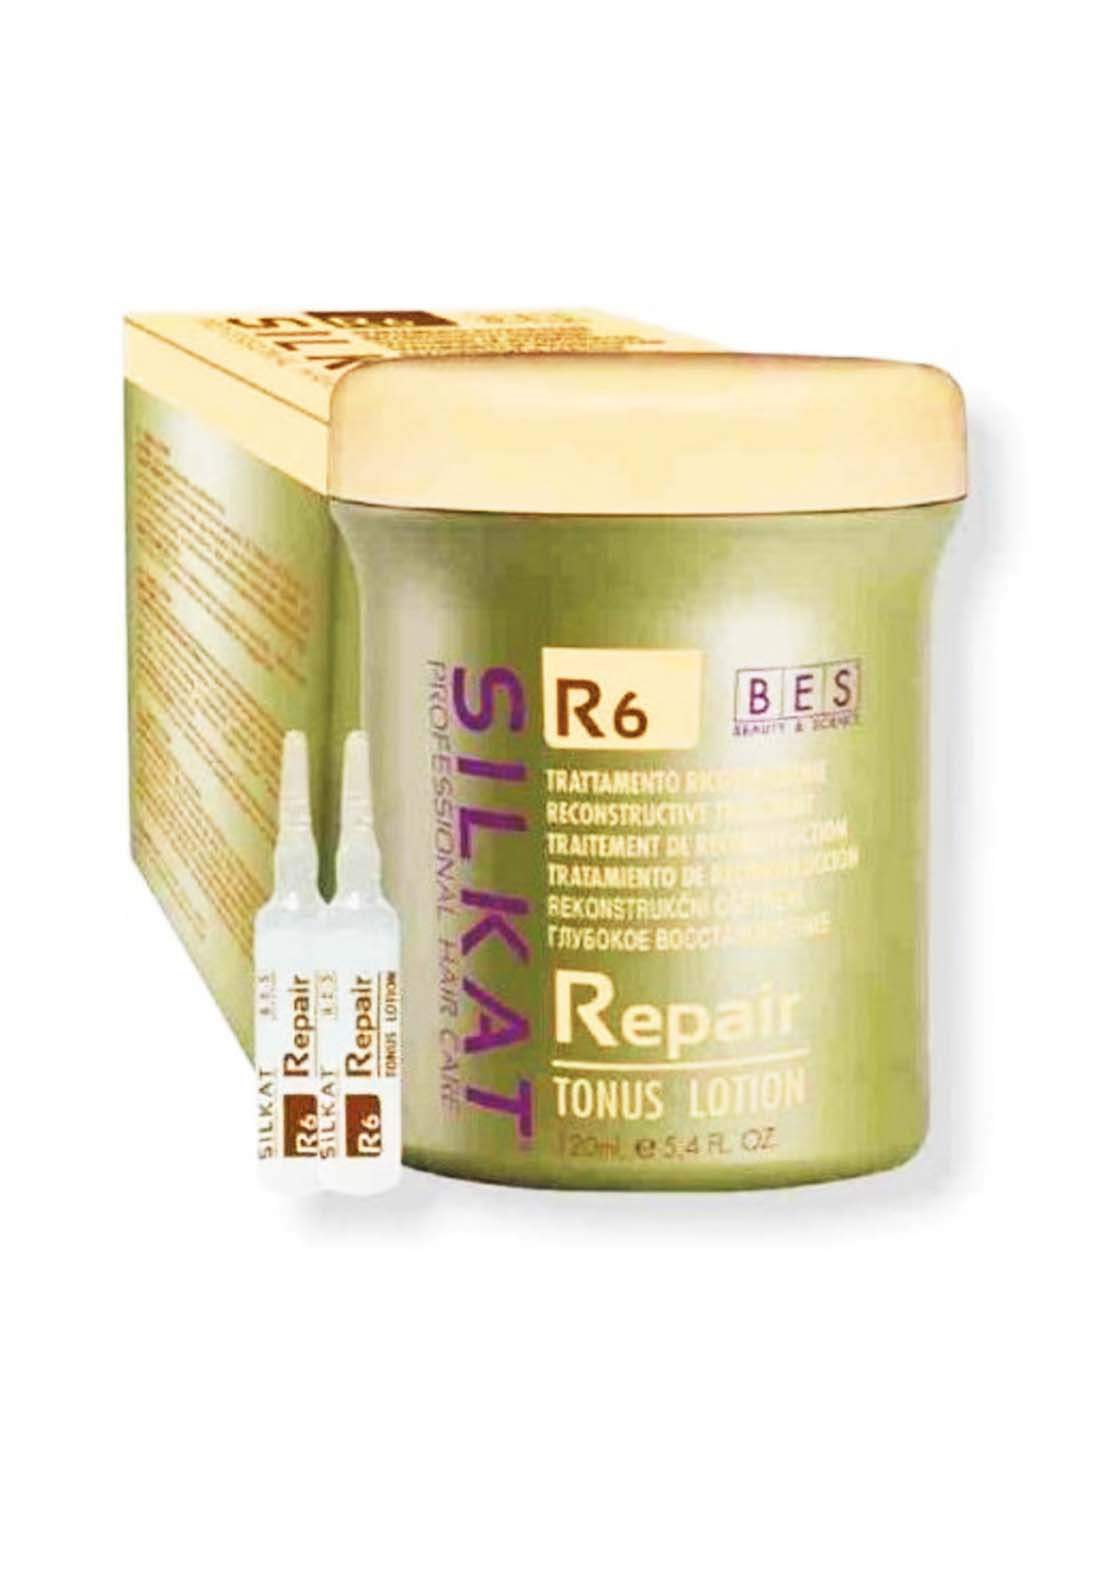 Bes  Beauty & Science Silkat R6 Repair Tonus Lotion 12x 10ml امبولات شعر